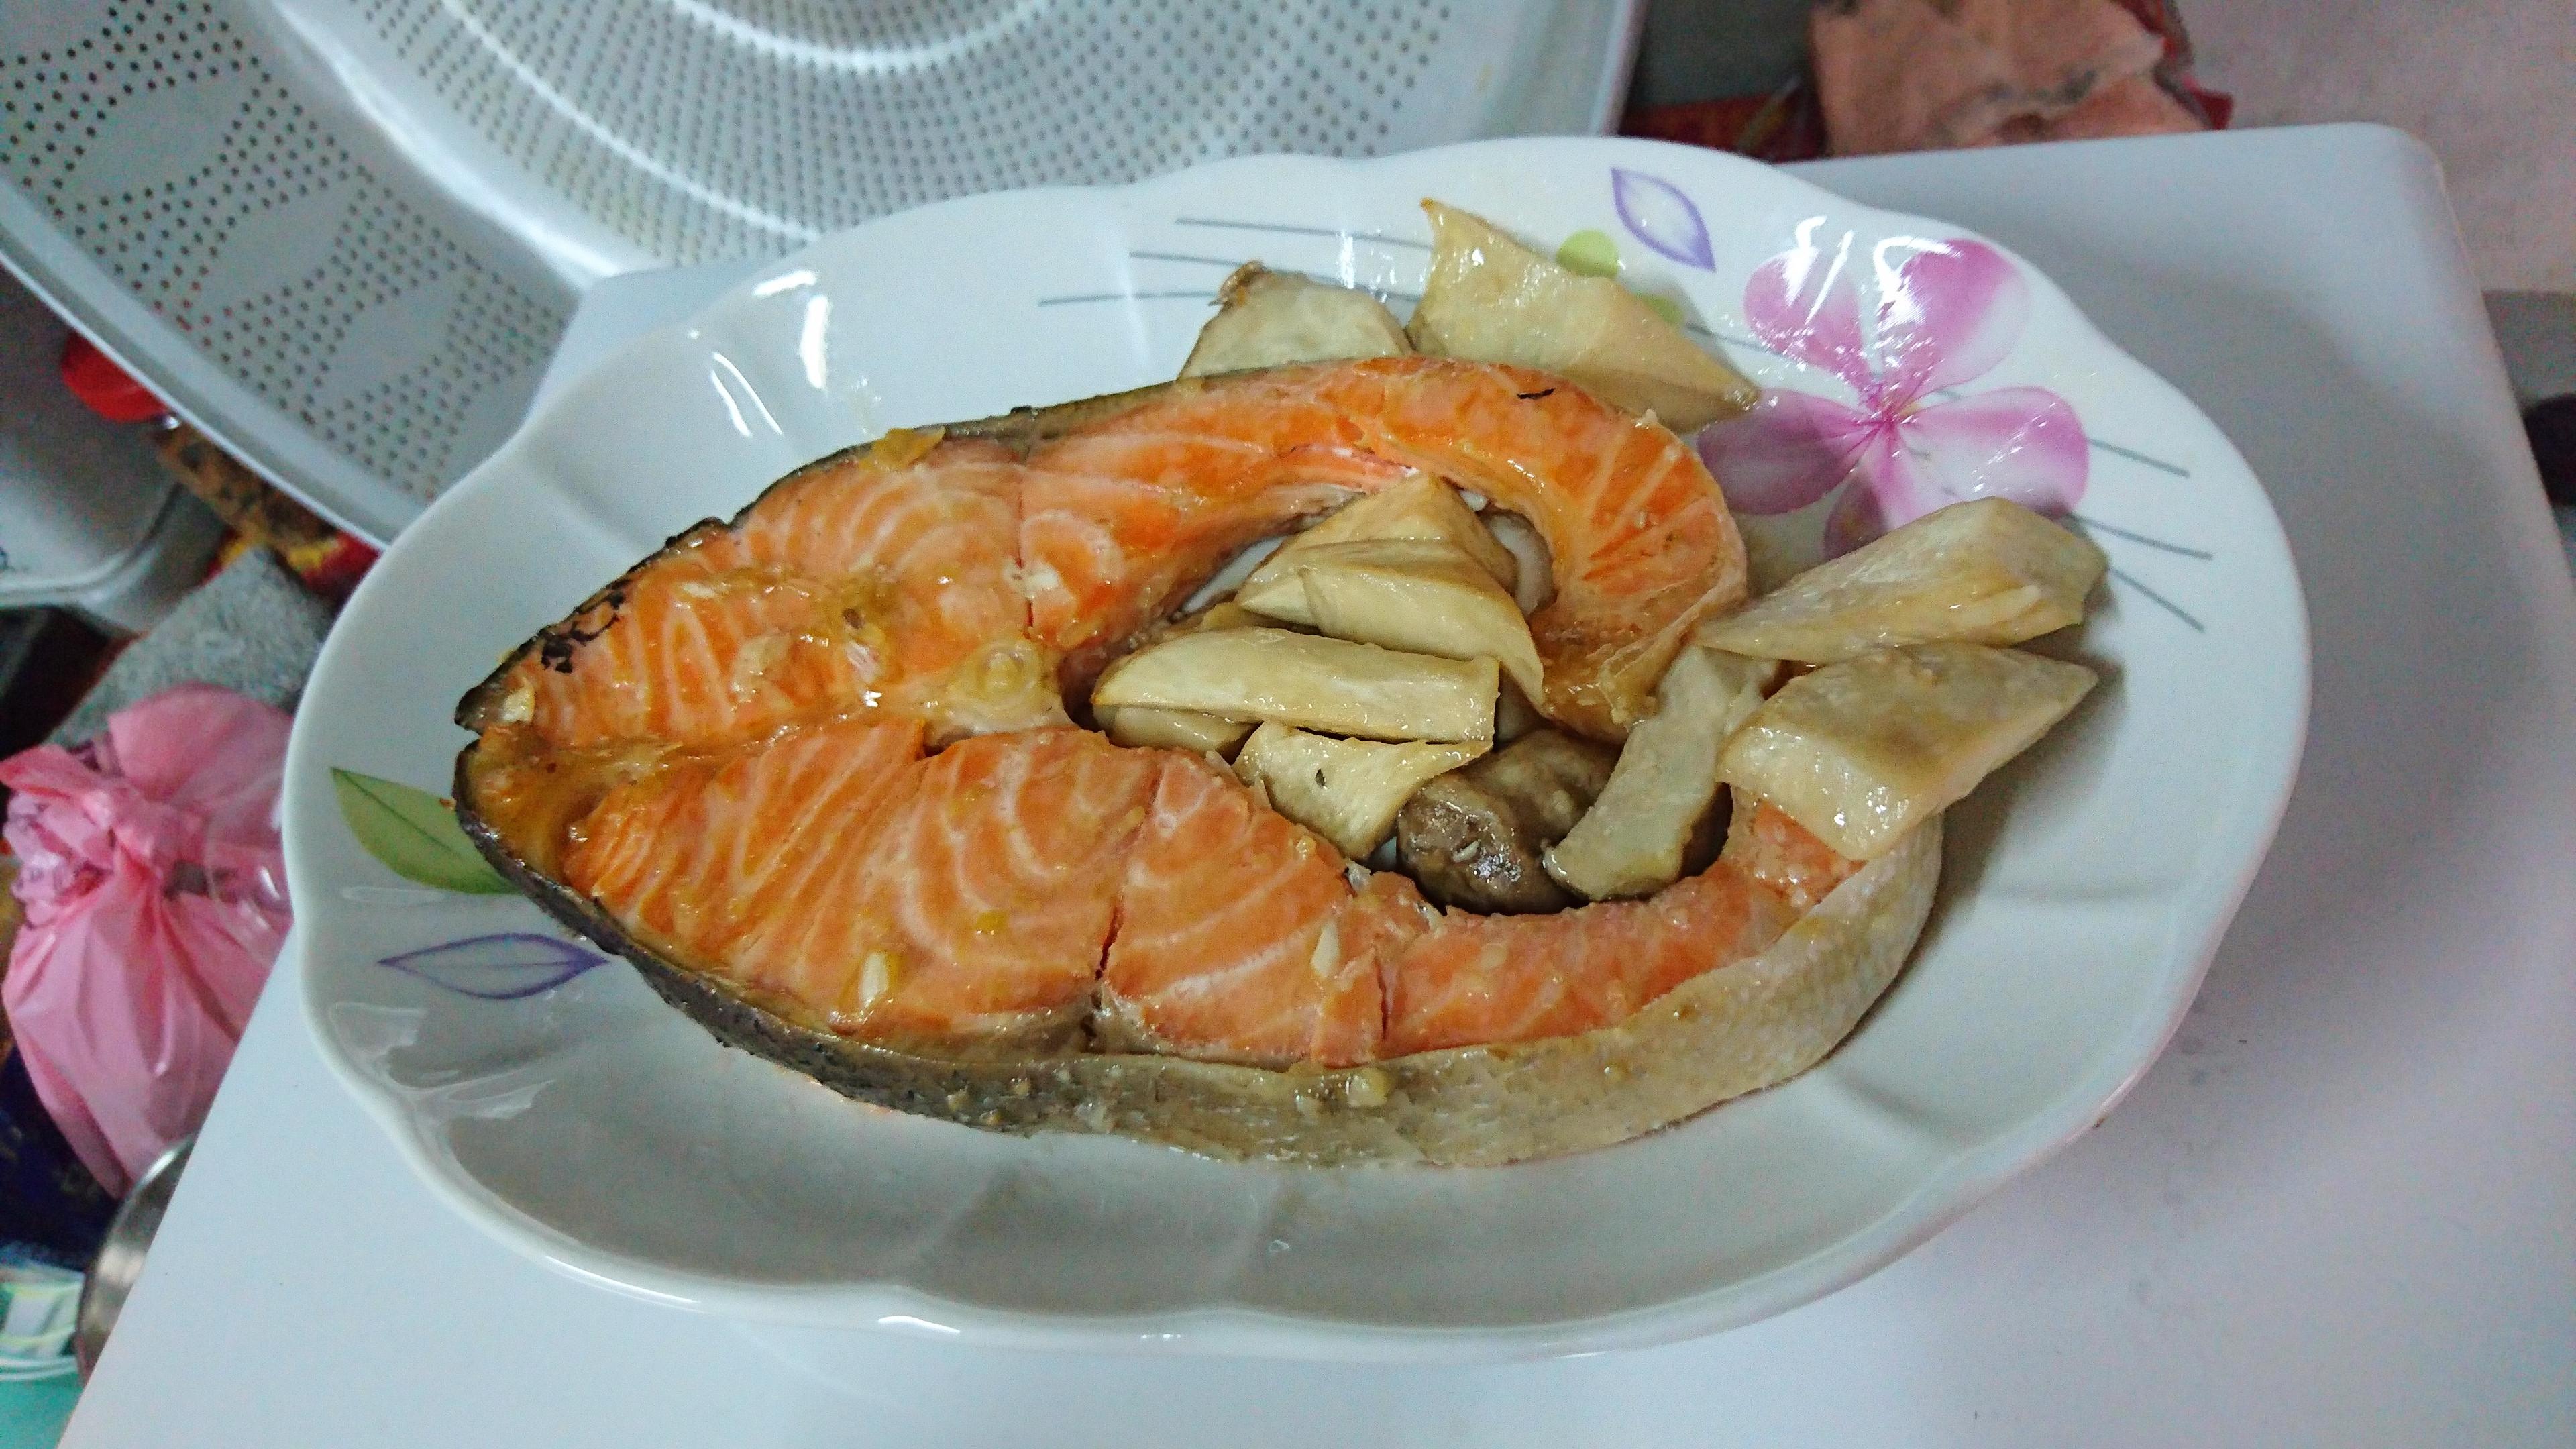 味噌烤鮭魚佐杏鮑菇